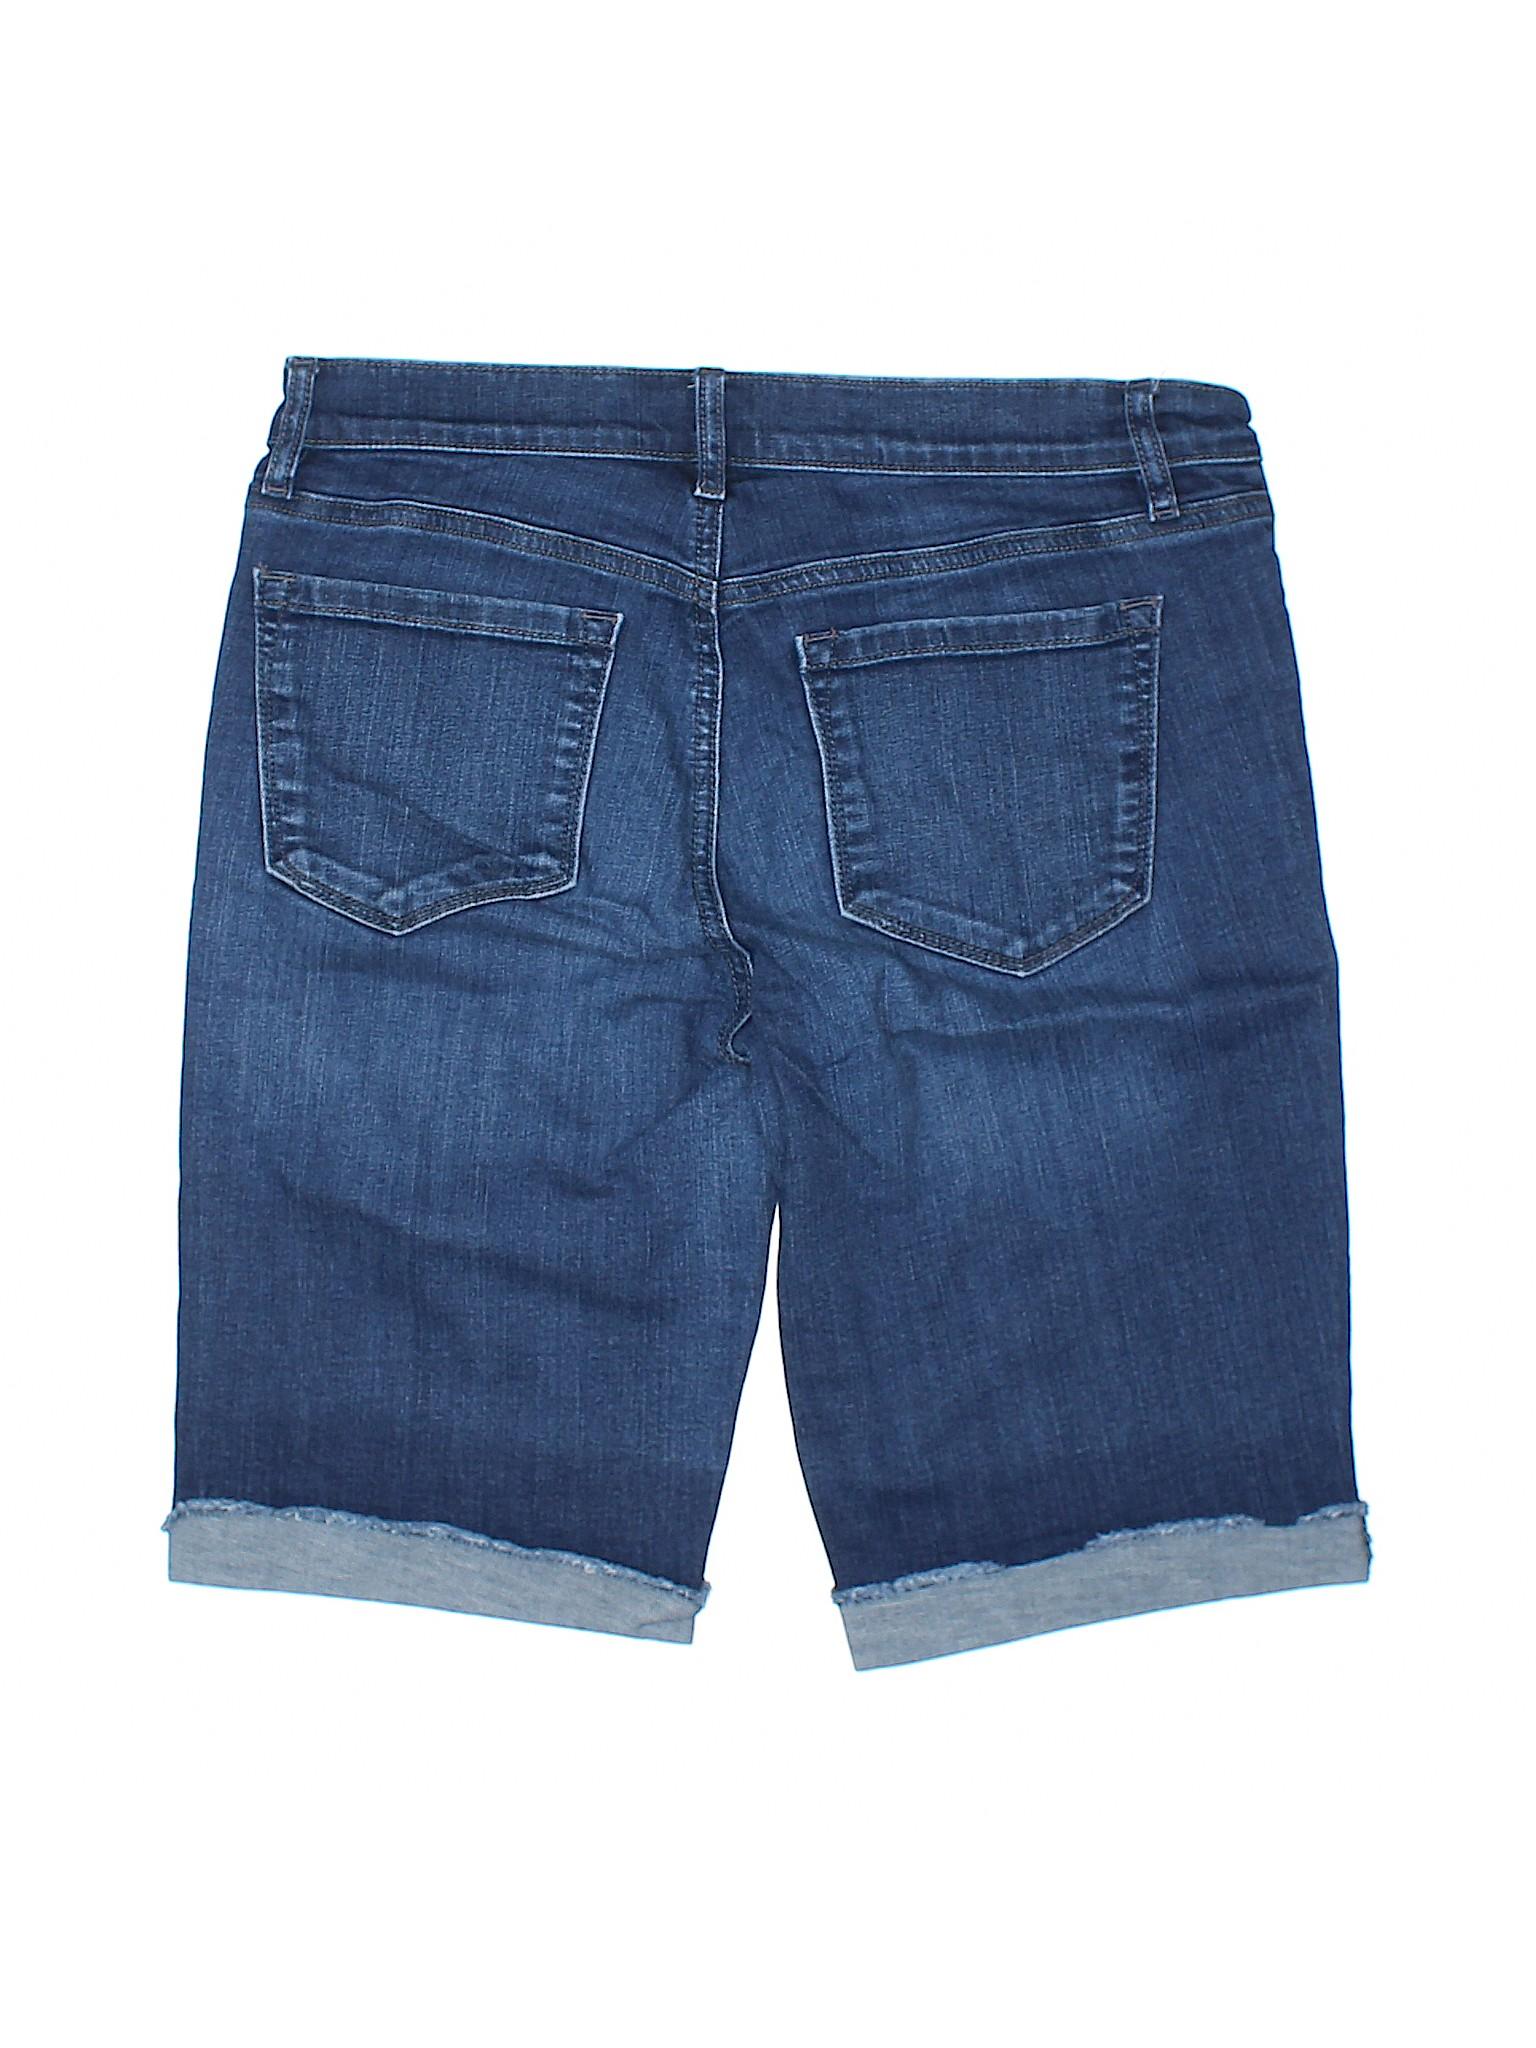 Boutique Denim LOFT Ann Taylor Shorts qqx1vCr